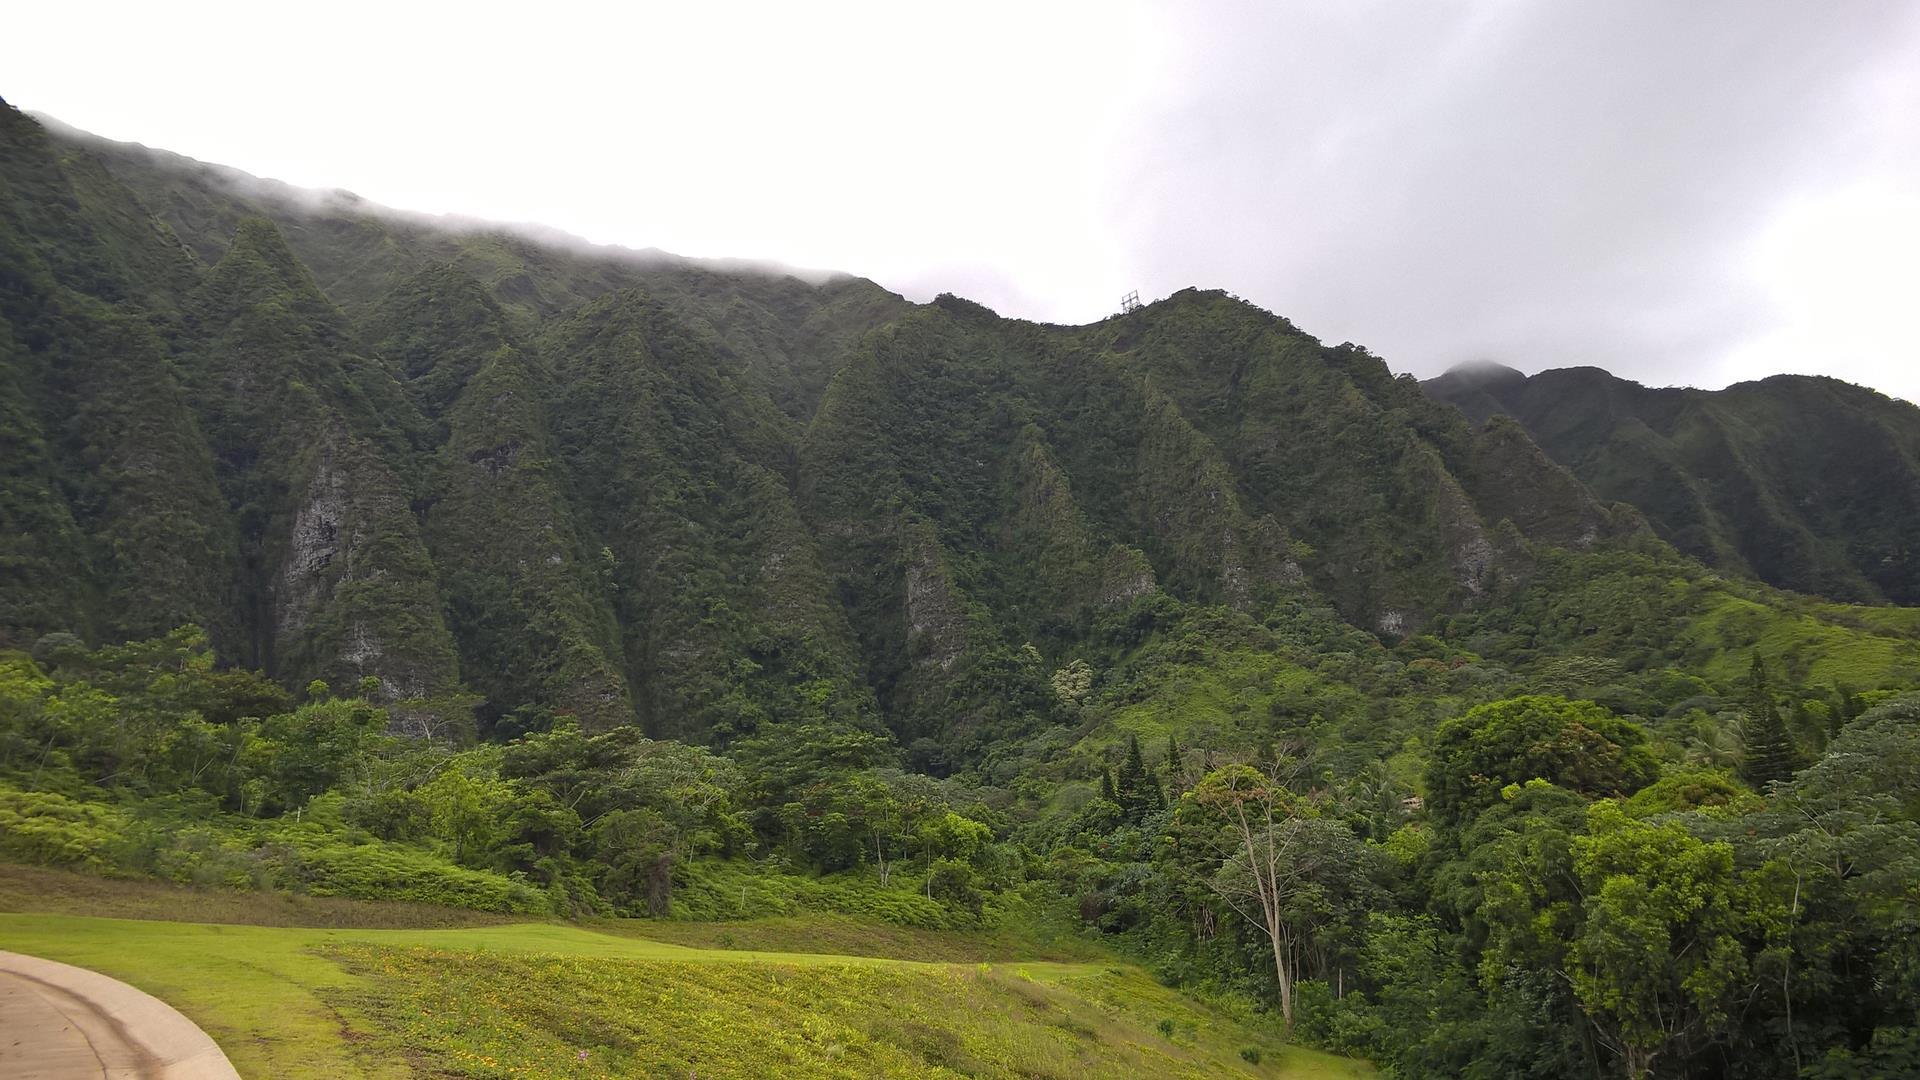 ... nahe denn in diesen Bergen wurde es gedreht.